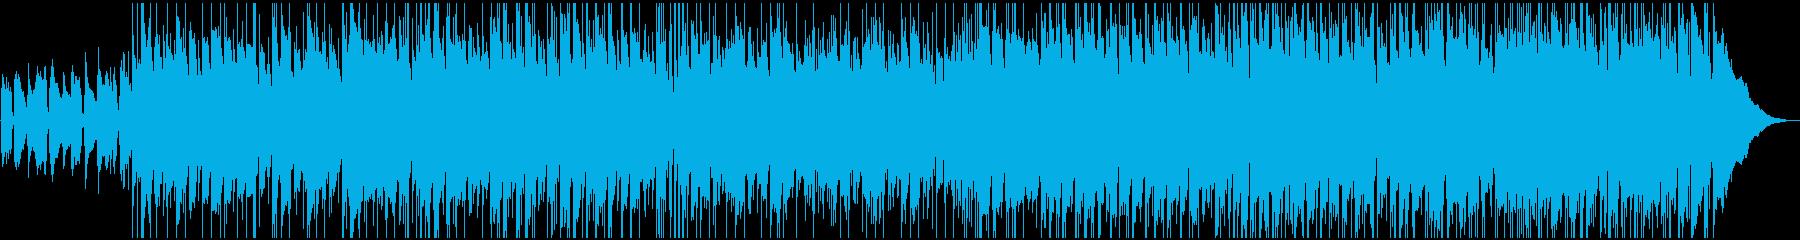 爽やかなアコギポップ・ショート版の再生済みの波形